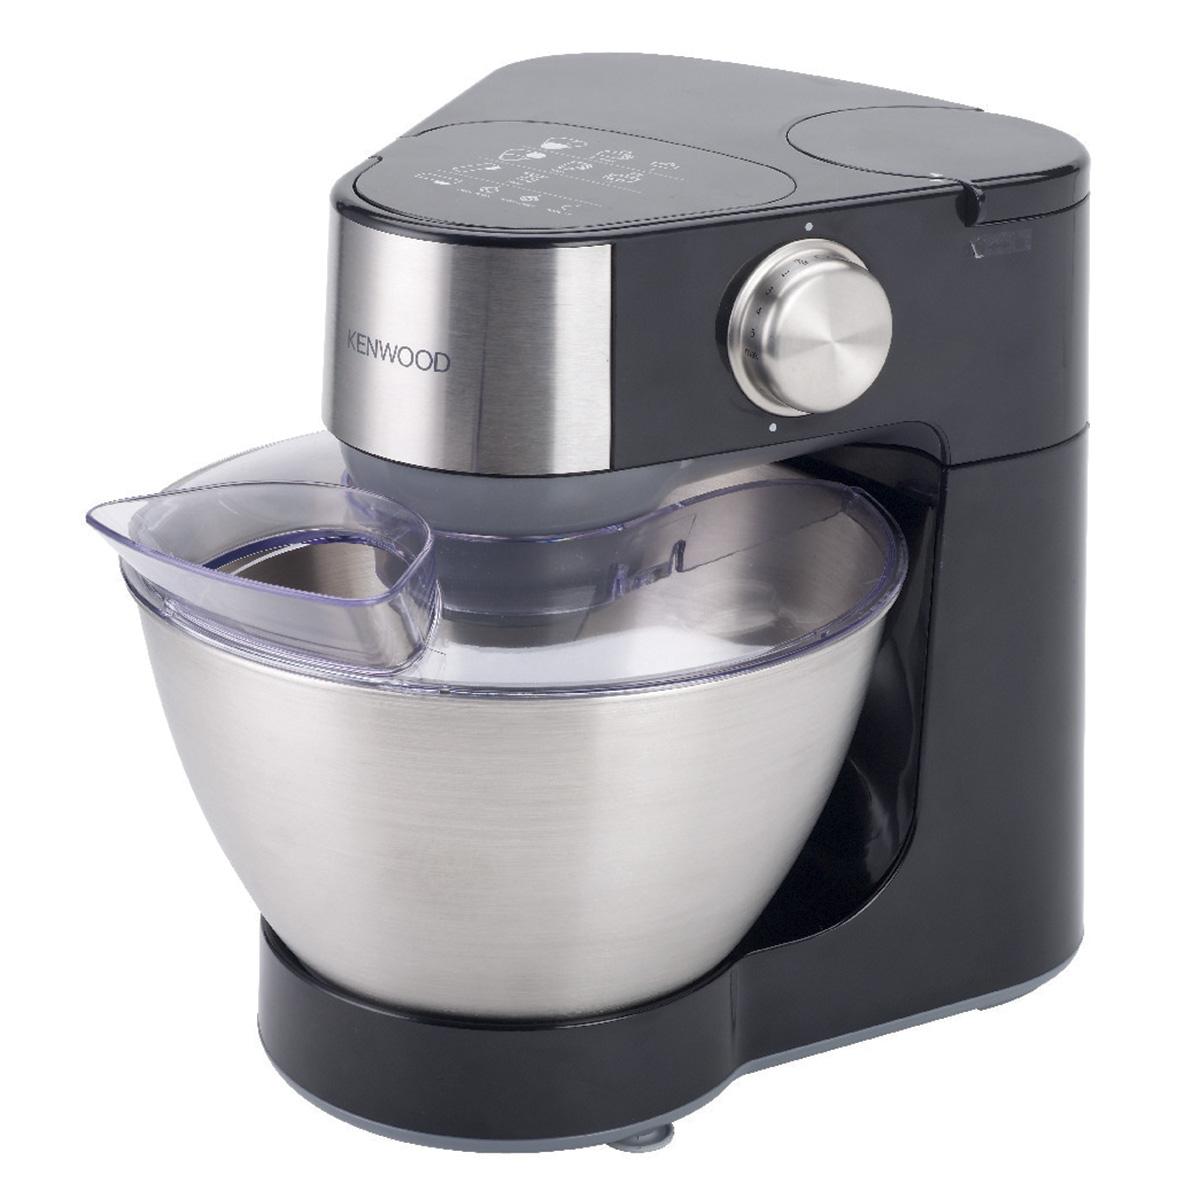 Image of   Kenwood køkkenmaskine - Prospero KM289